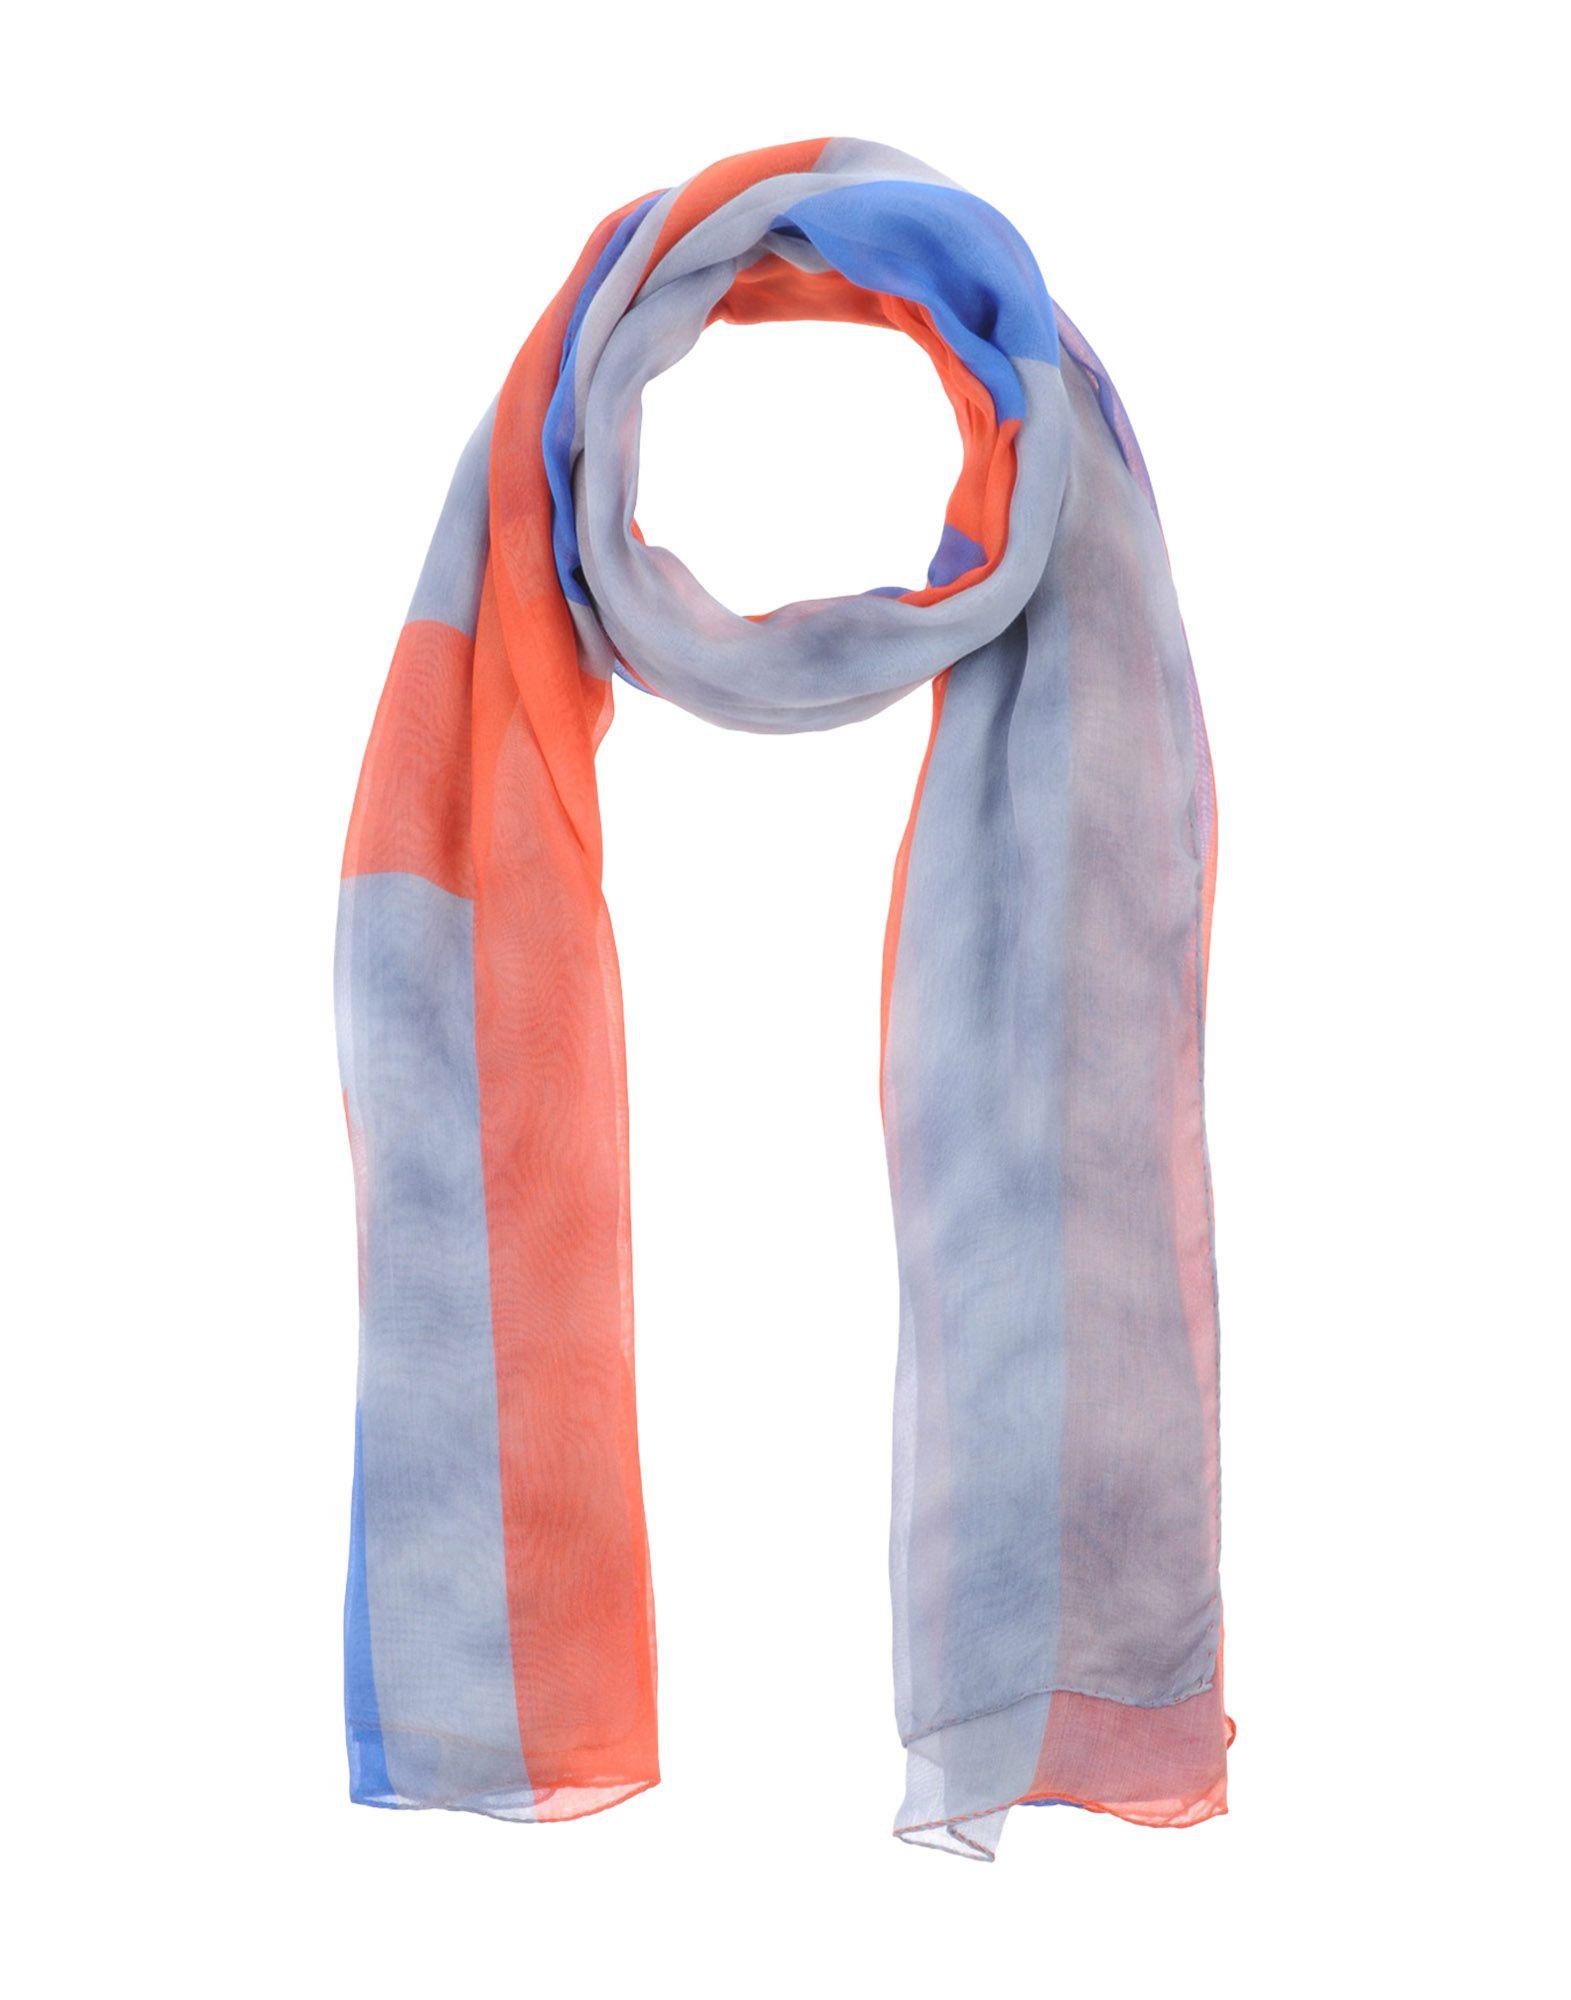 RODA Herren Schal Farbe Blau Größe 1 jetztbilligerkaufen